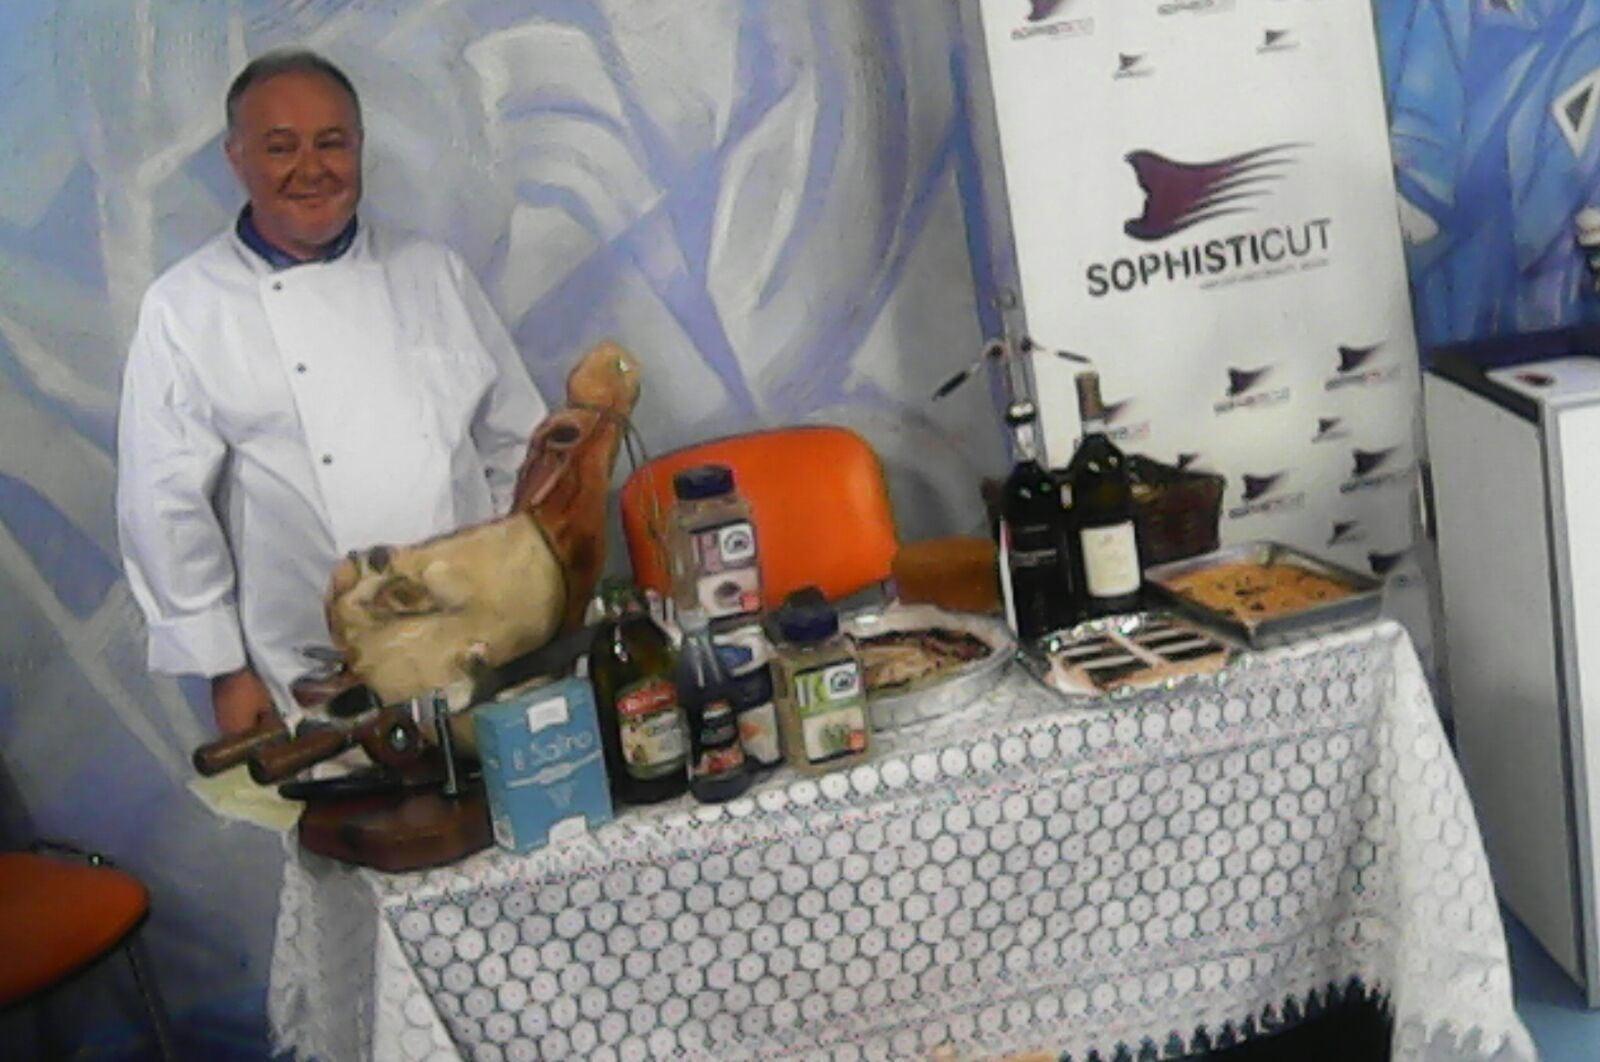 Corsi di cucina a Pesaro: i migliori 26 corsi. Preventivi gratis